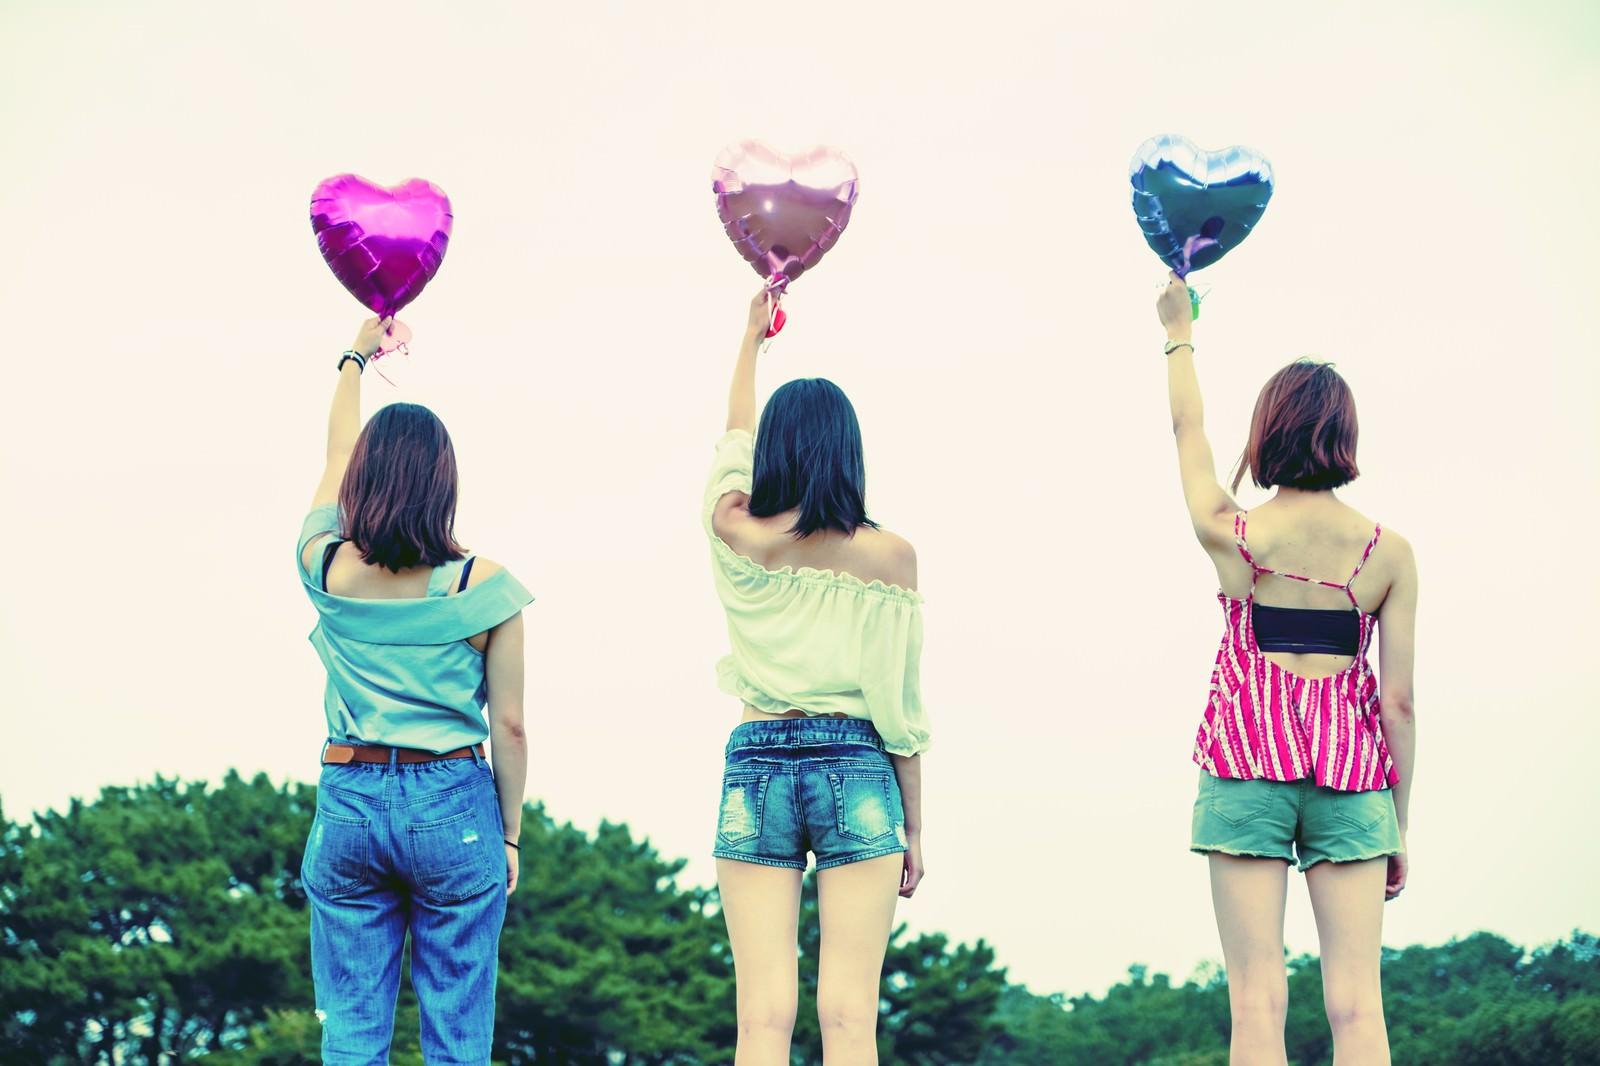 「ハートの風船を掲げる女子三人組」の写真